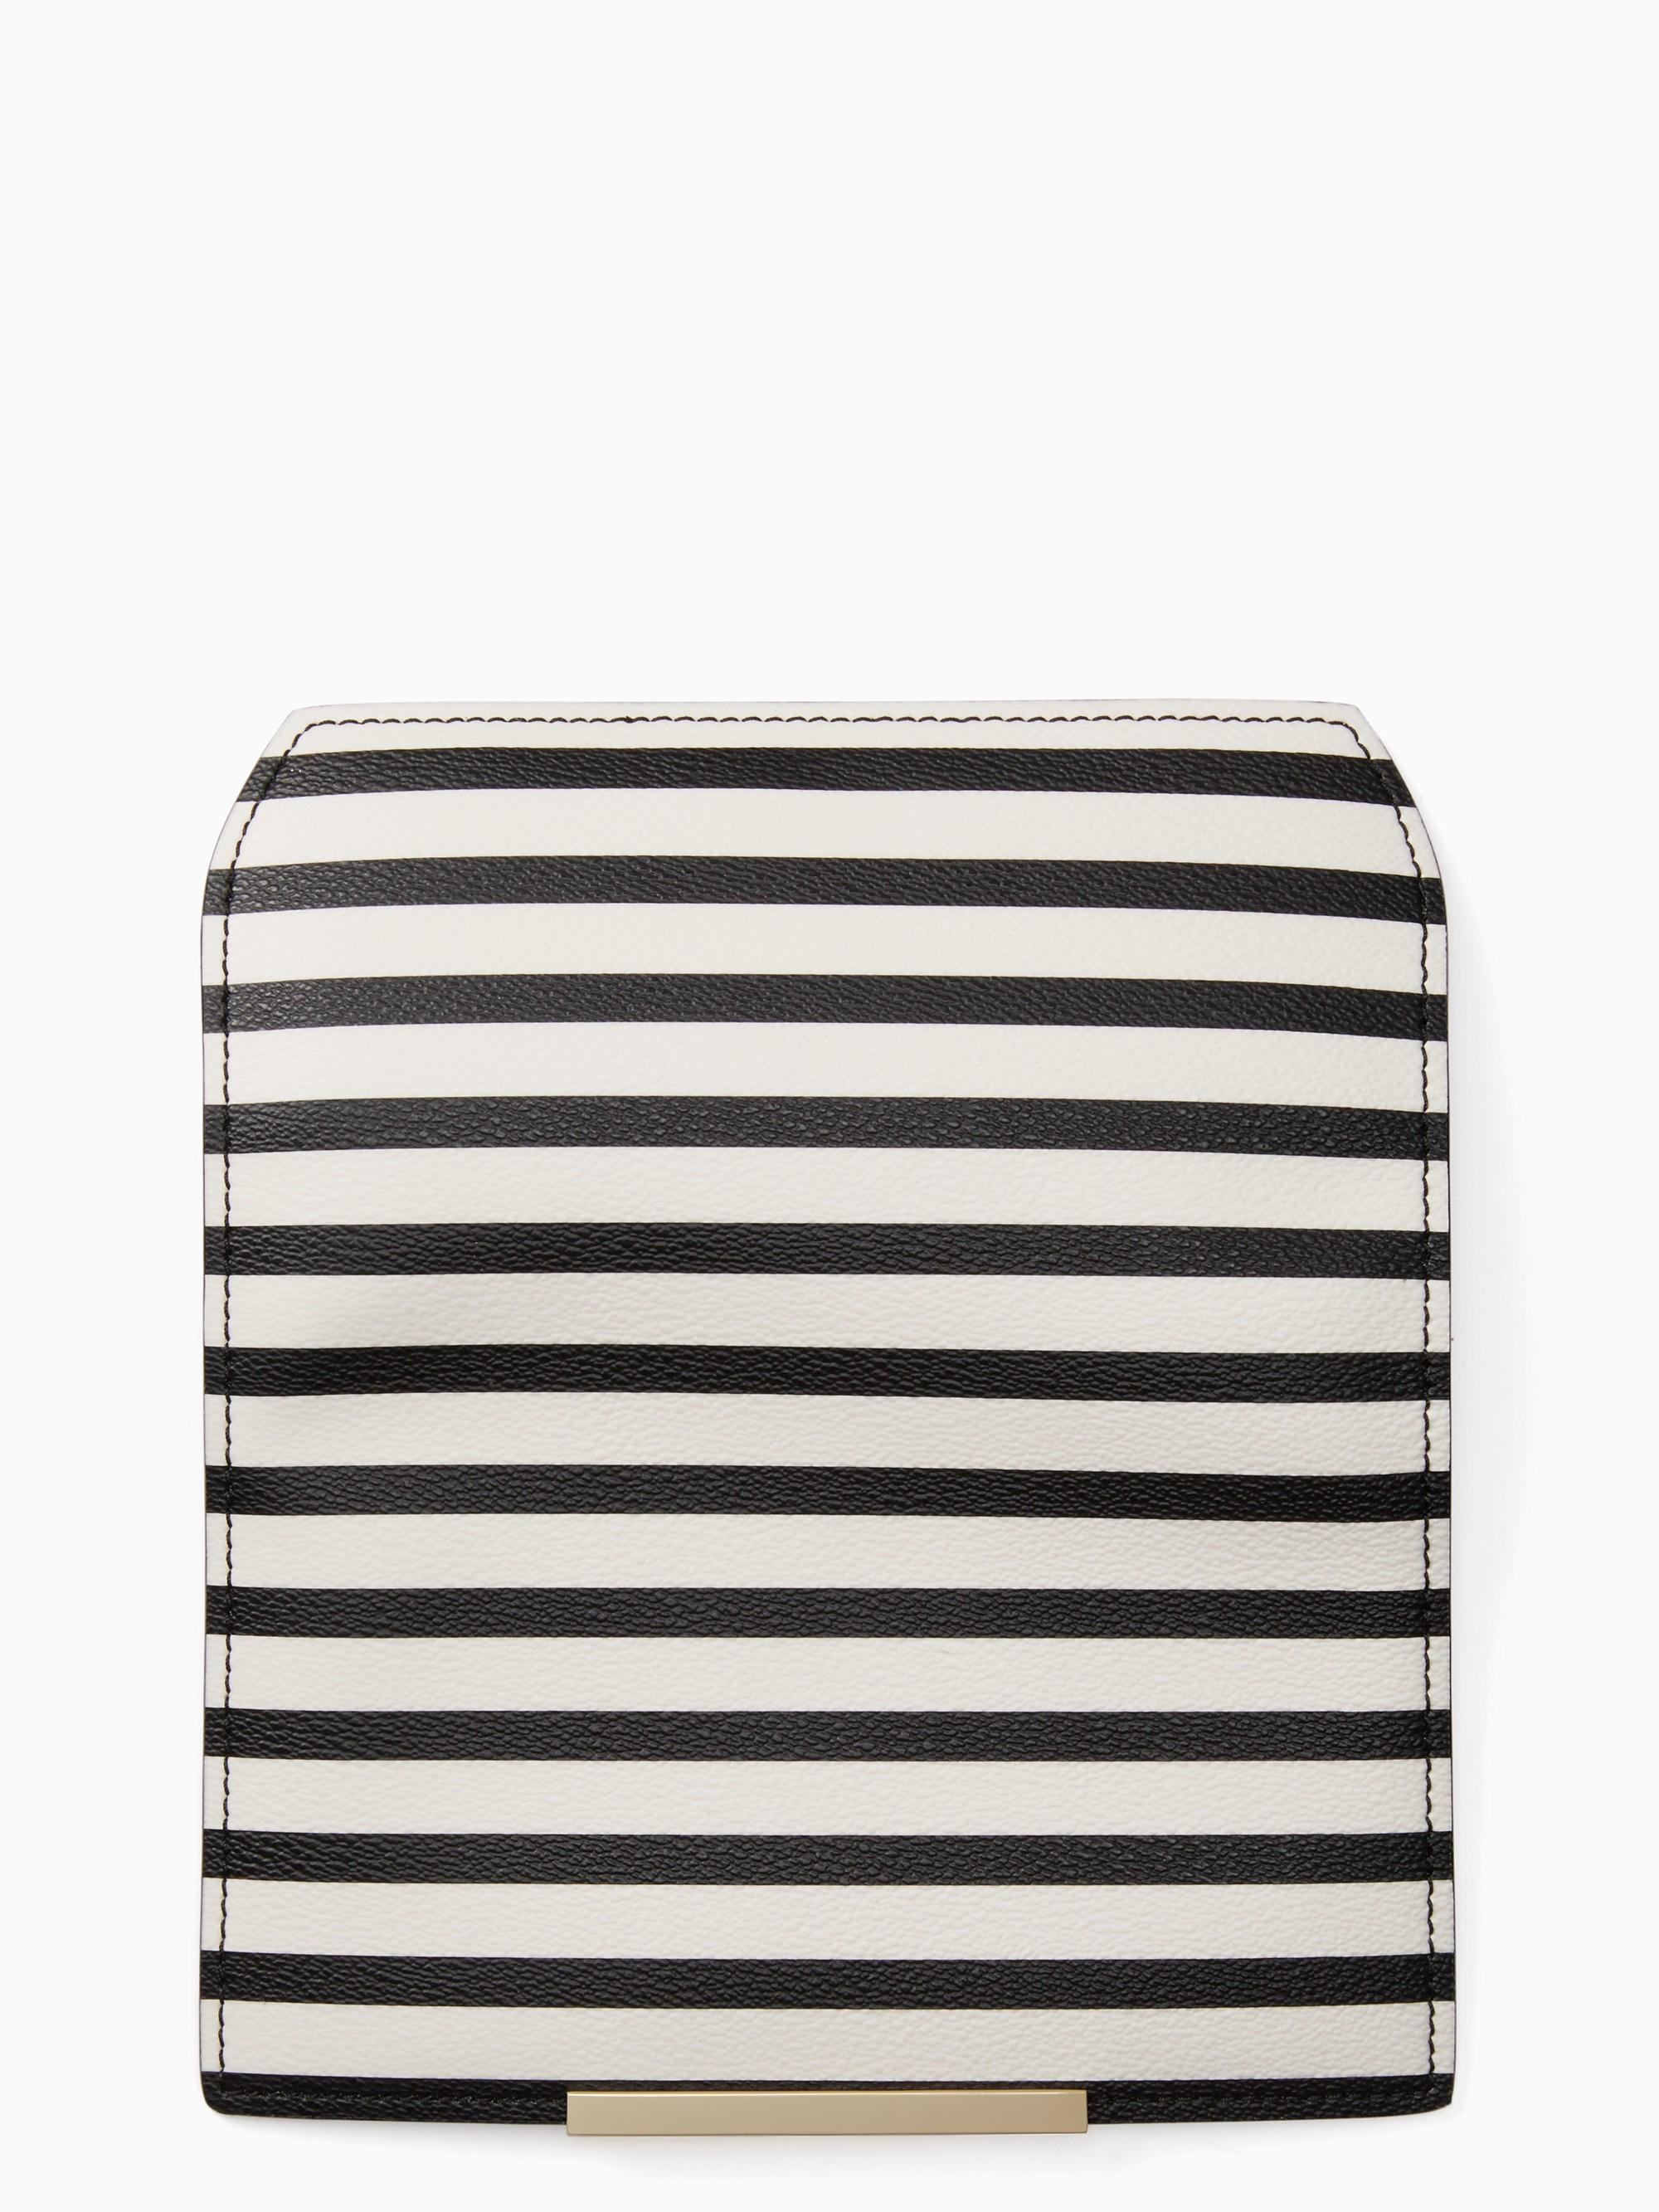 Kate Spade Make It Mine Stripe Flap In Cement/black